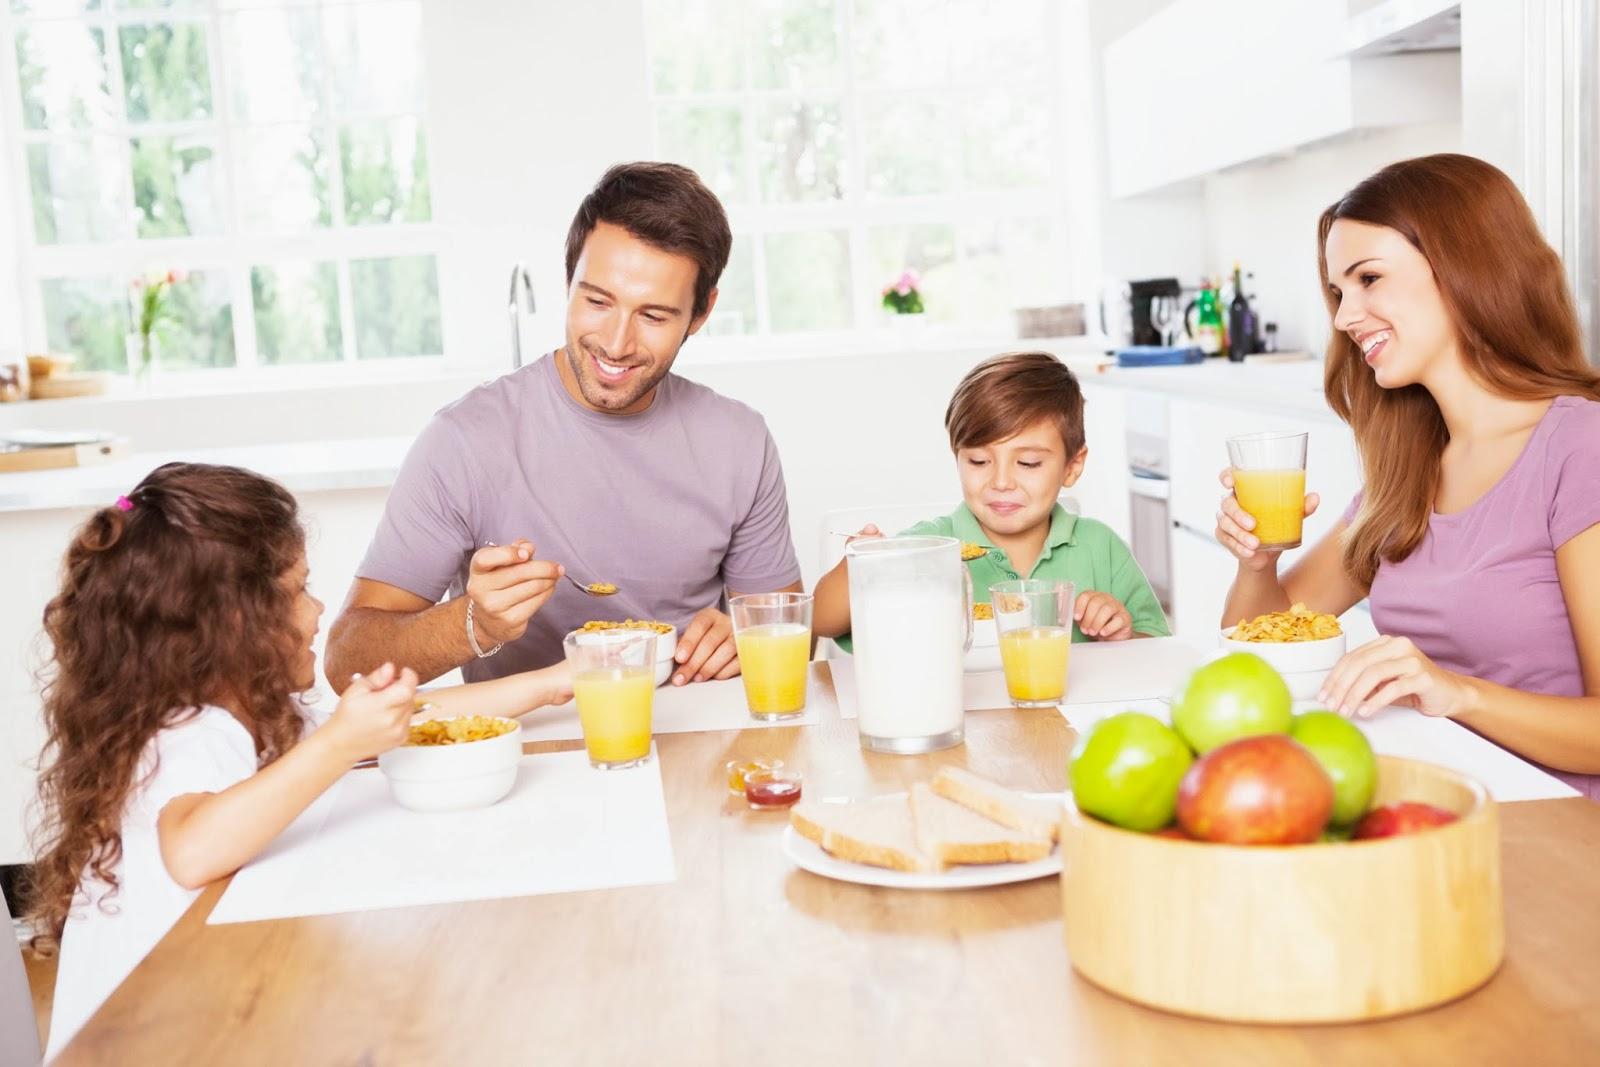 правильное питание чтобы похудеть для мужчин